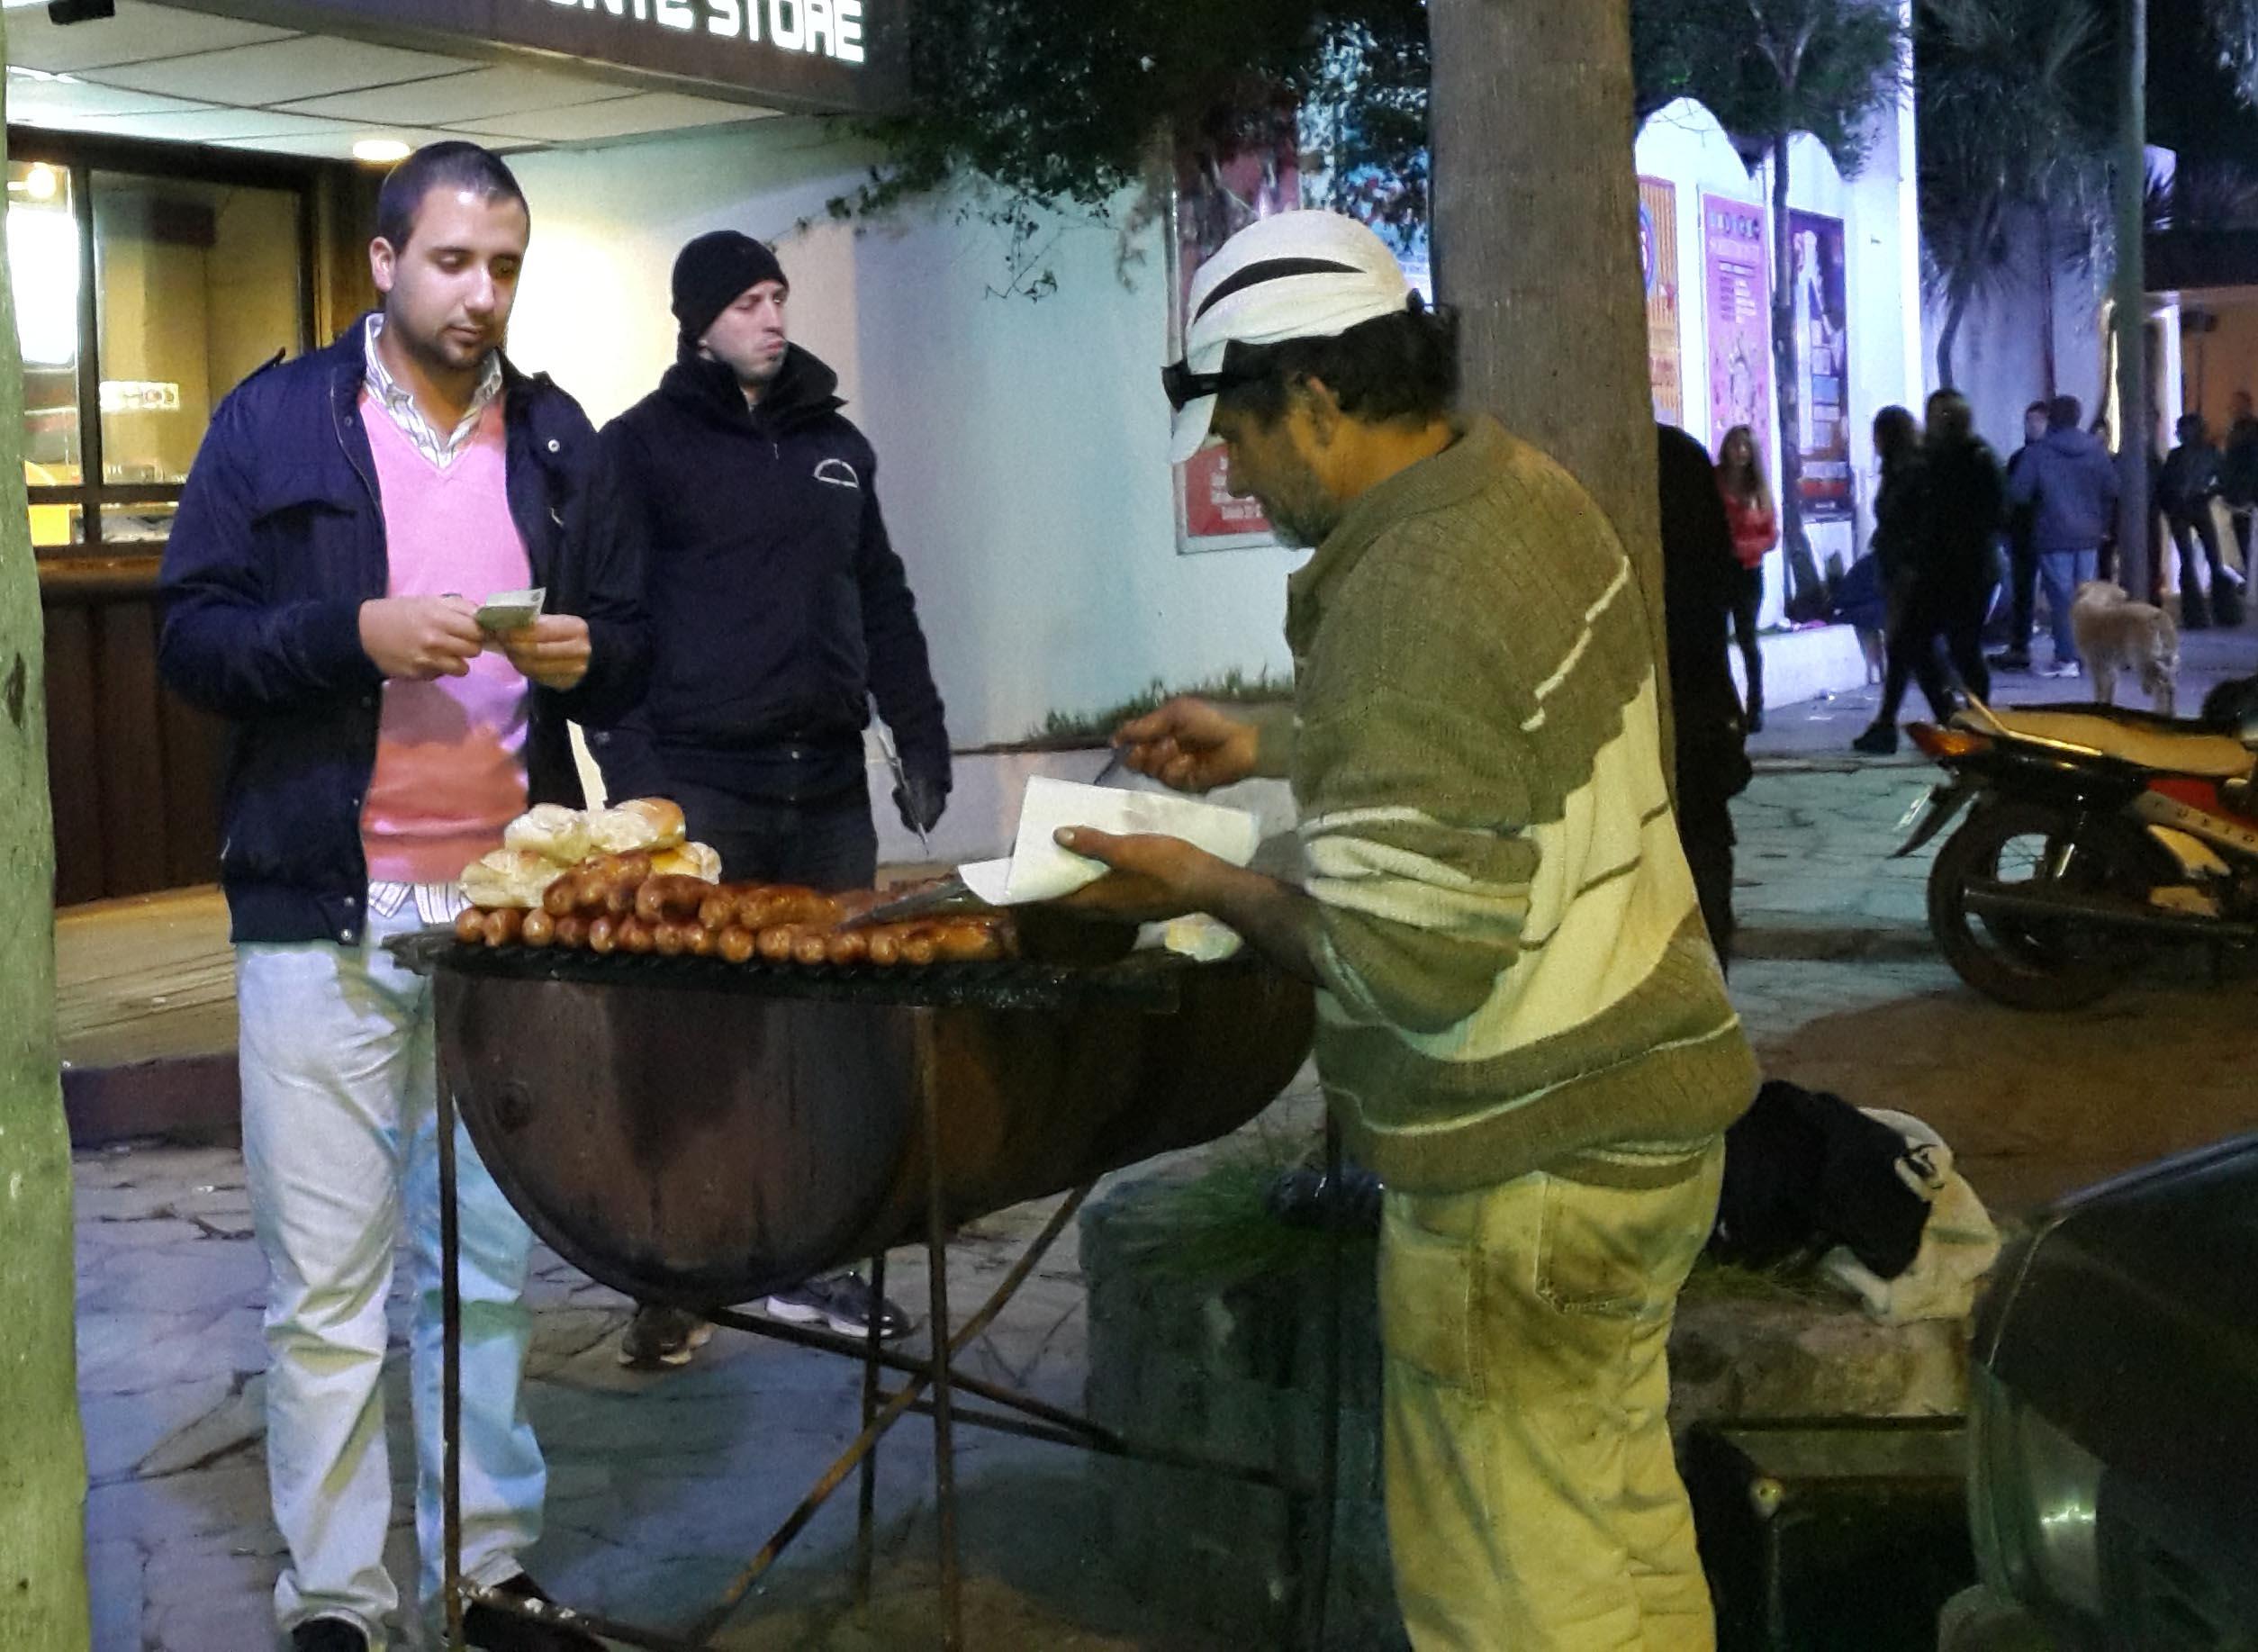 Fotos_MGP_-_Inspeccion_General_-_Control_puestos_de_venta_callejeros